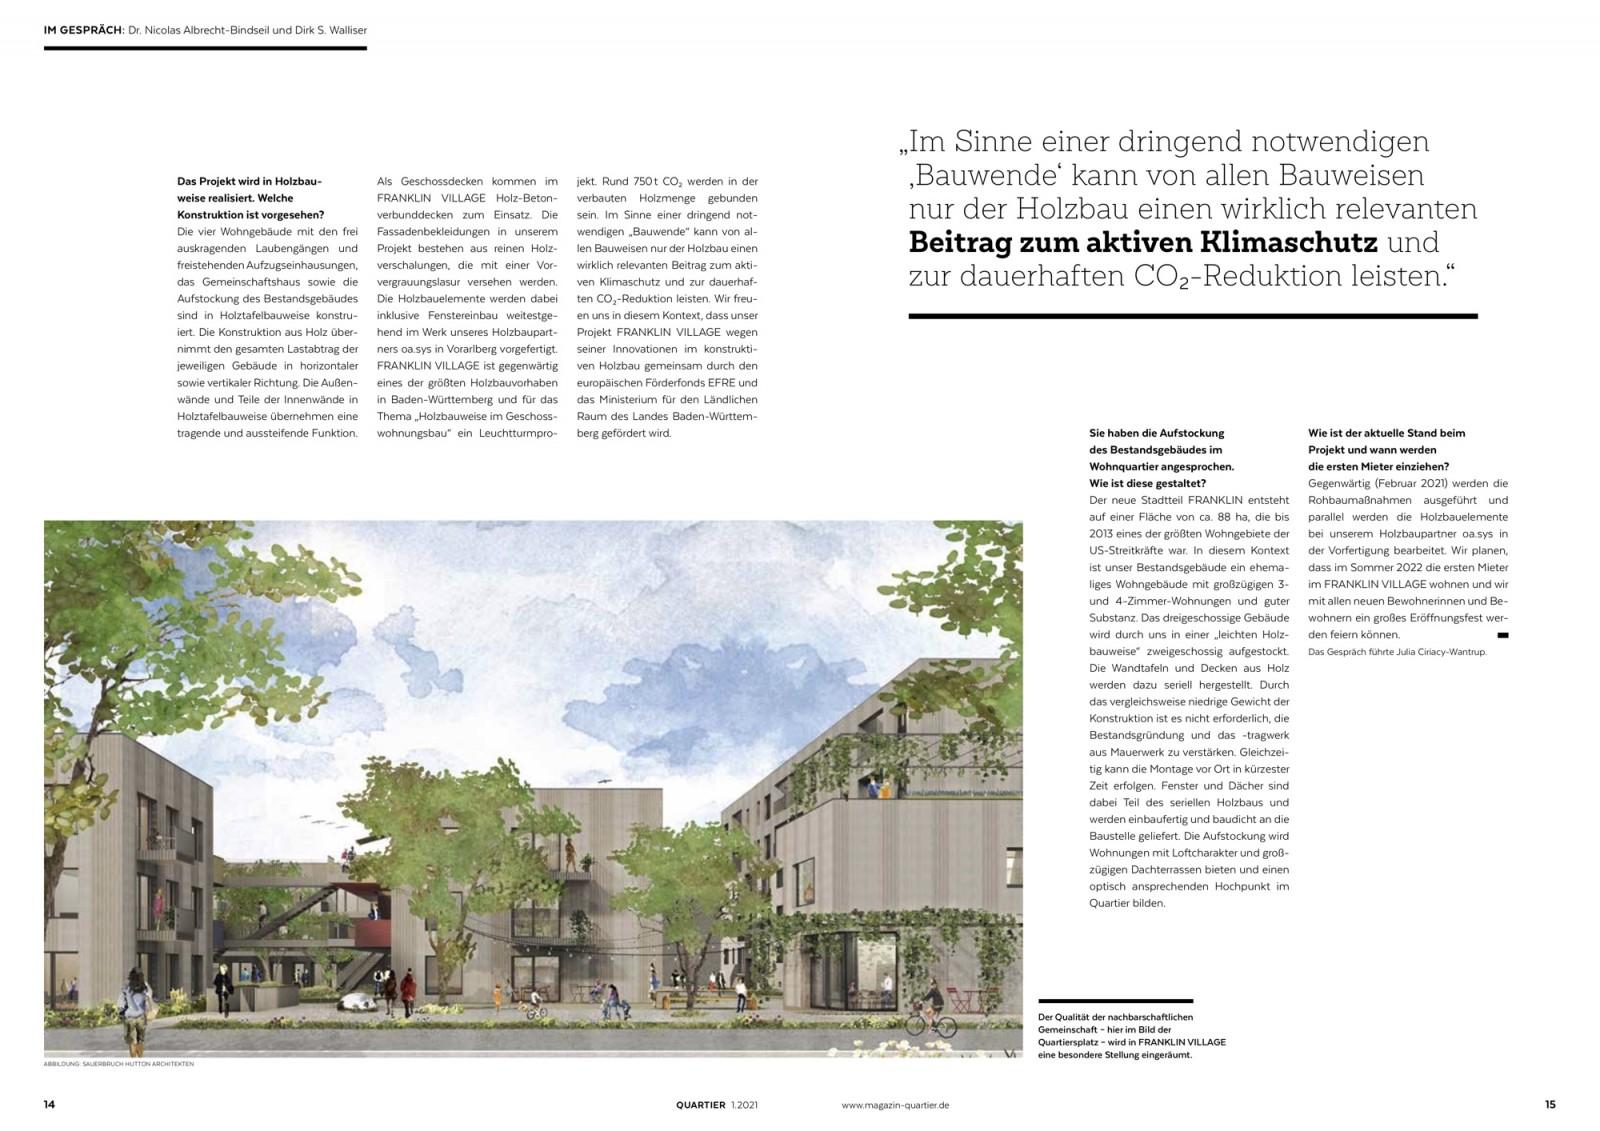 Der Qualität der nachbarschaftlichen Gemeinschaft wird in FRANKLIN VILLAGE eine besondere Stellung eingeräumt. (Abbildung: QUARTIER Fachmagazin für urbanen Wohnungsbau)